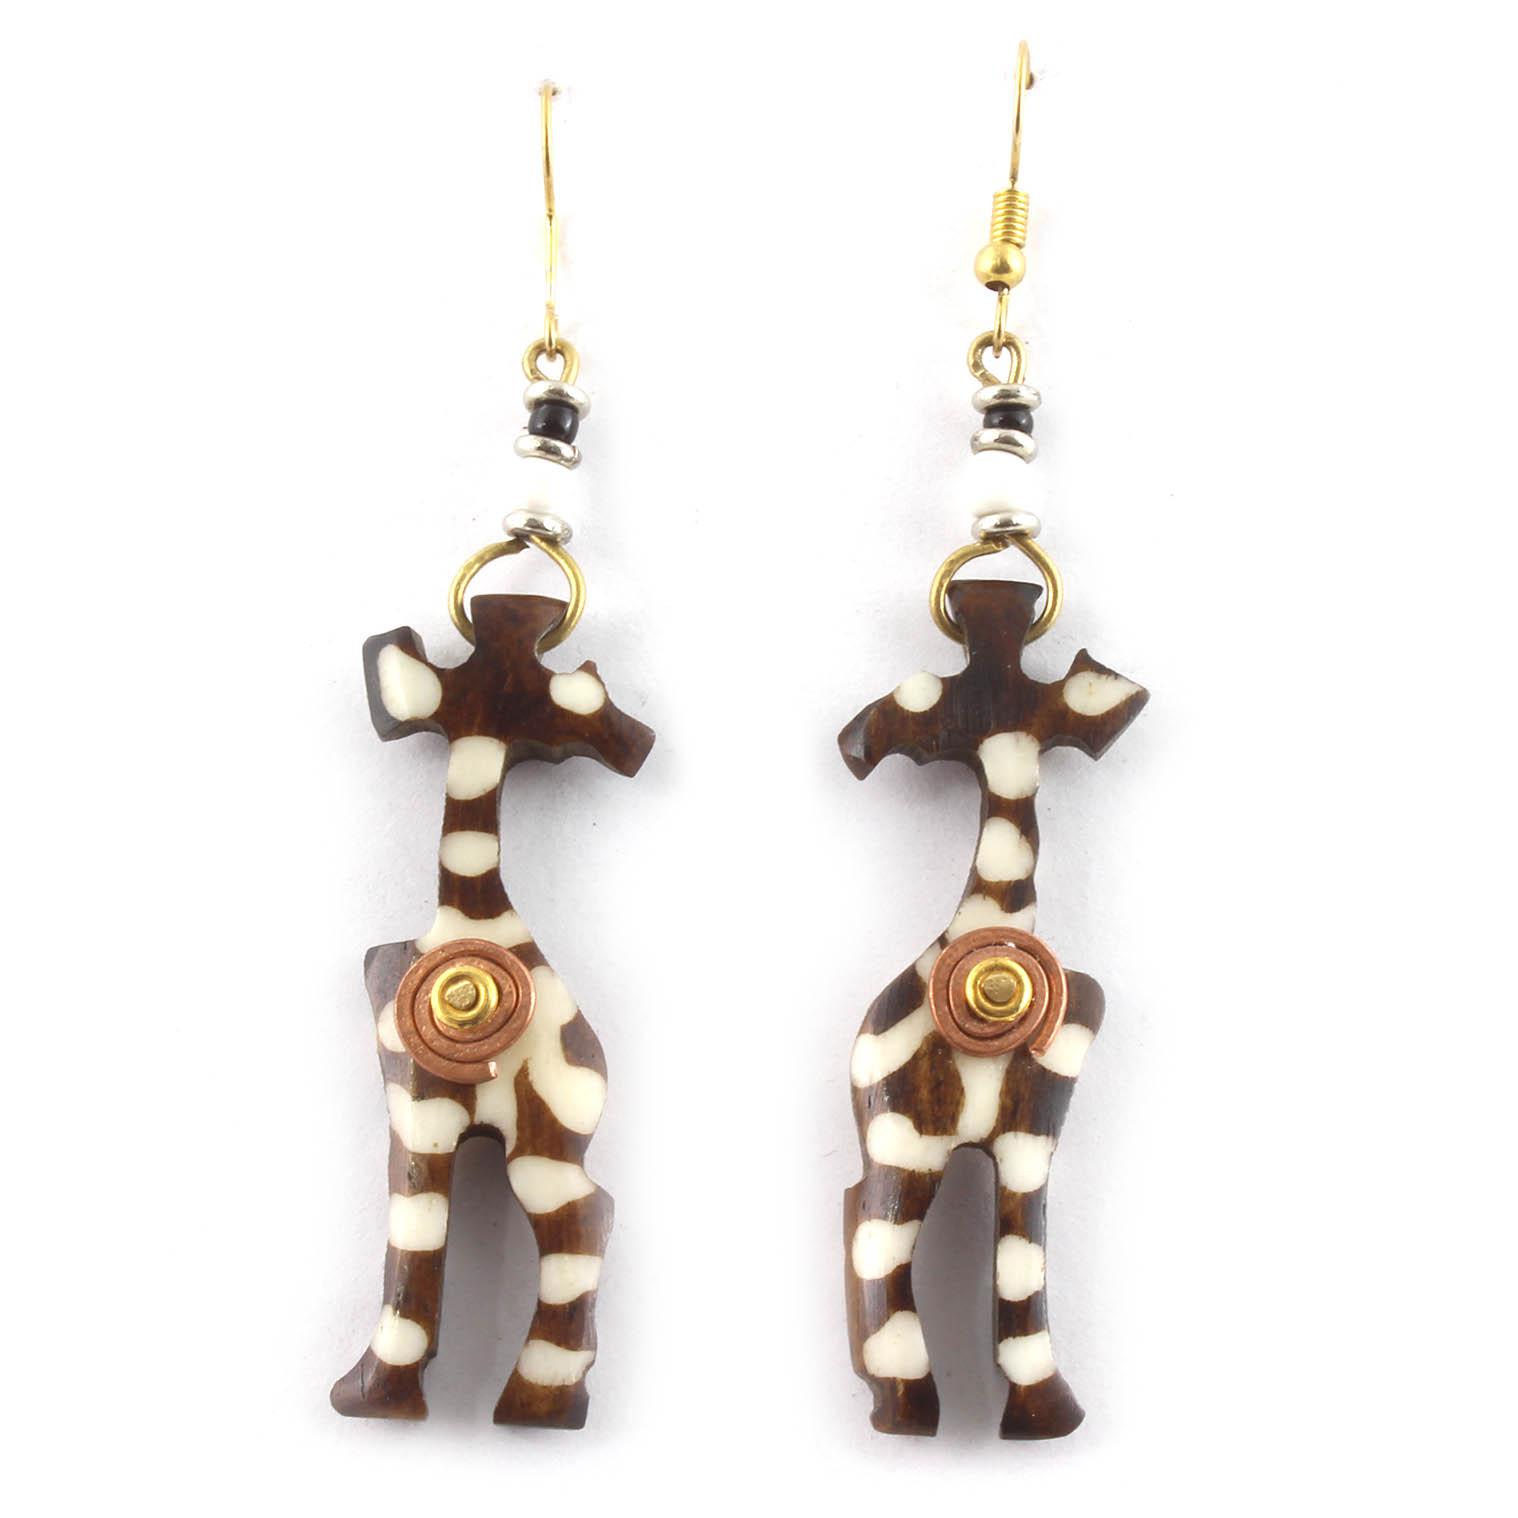 Spiral Standing Giraffe Earrings